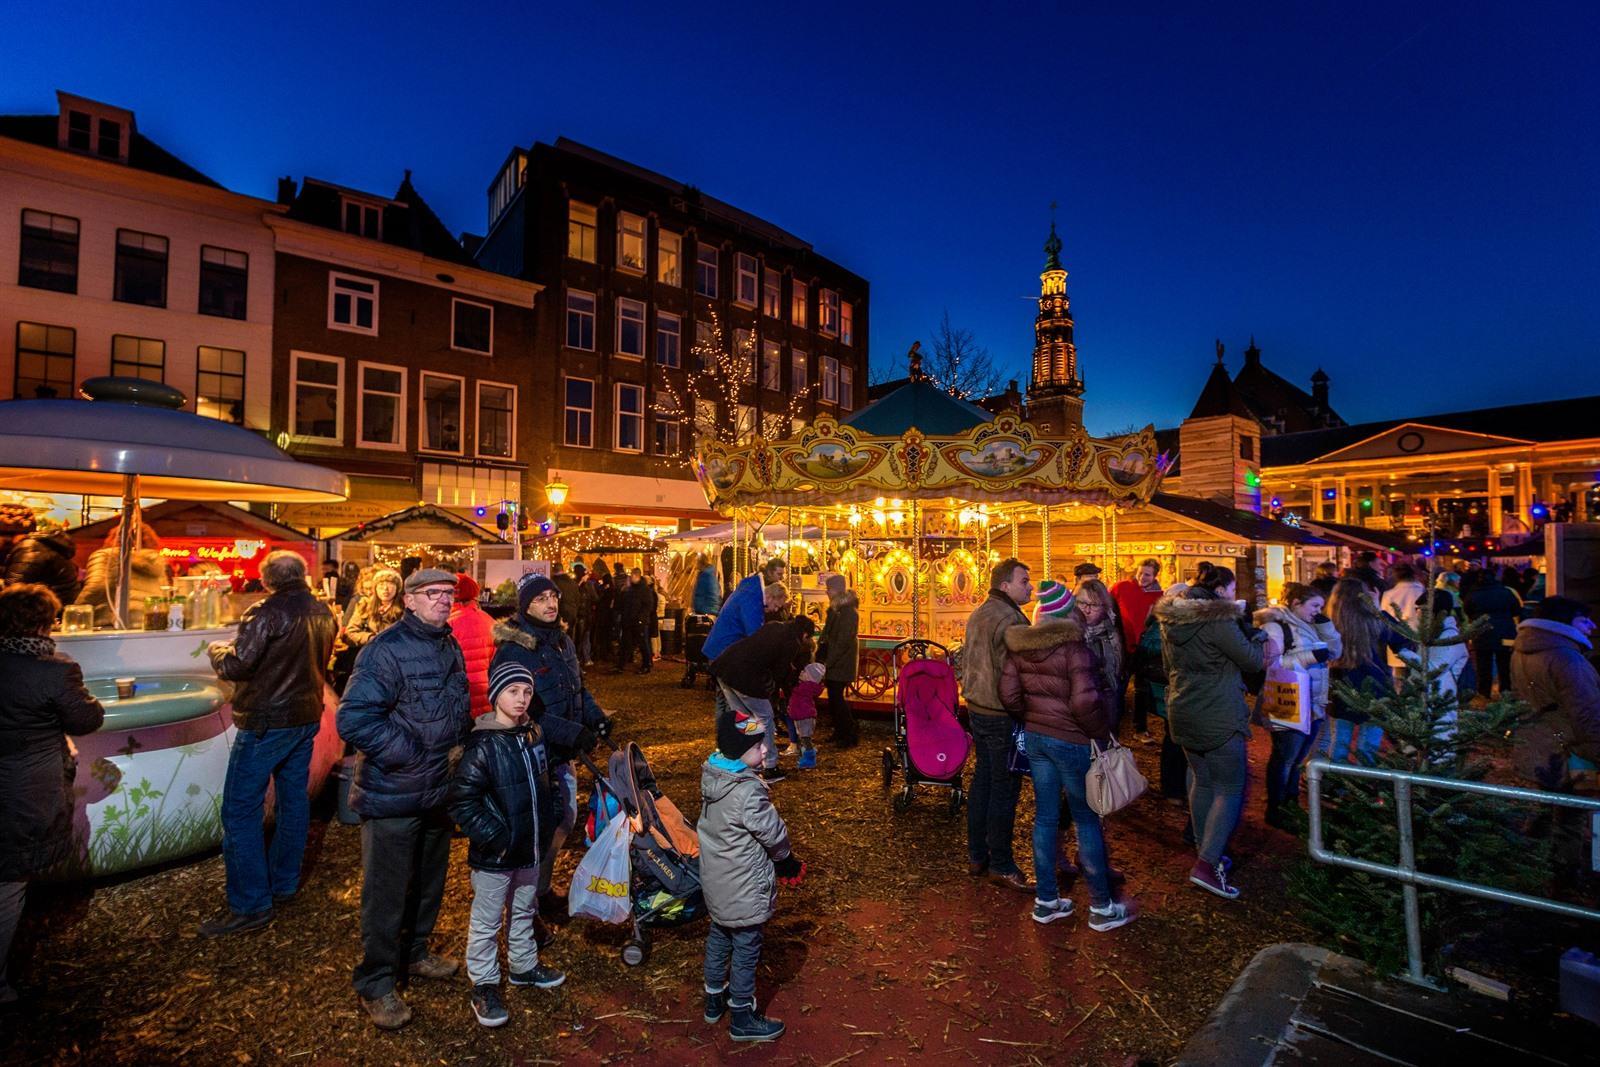 Kerstmarkt Leiden 2018 Bezoeken Gratis Stadswandeling Zo Mis Je Niets